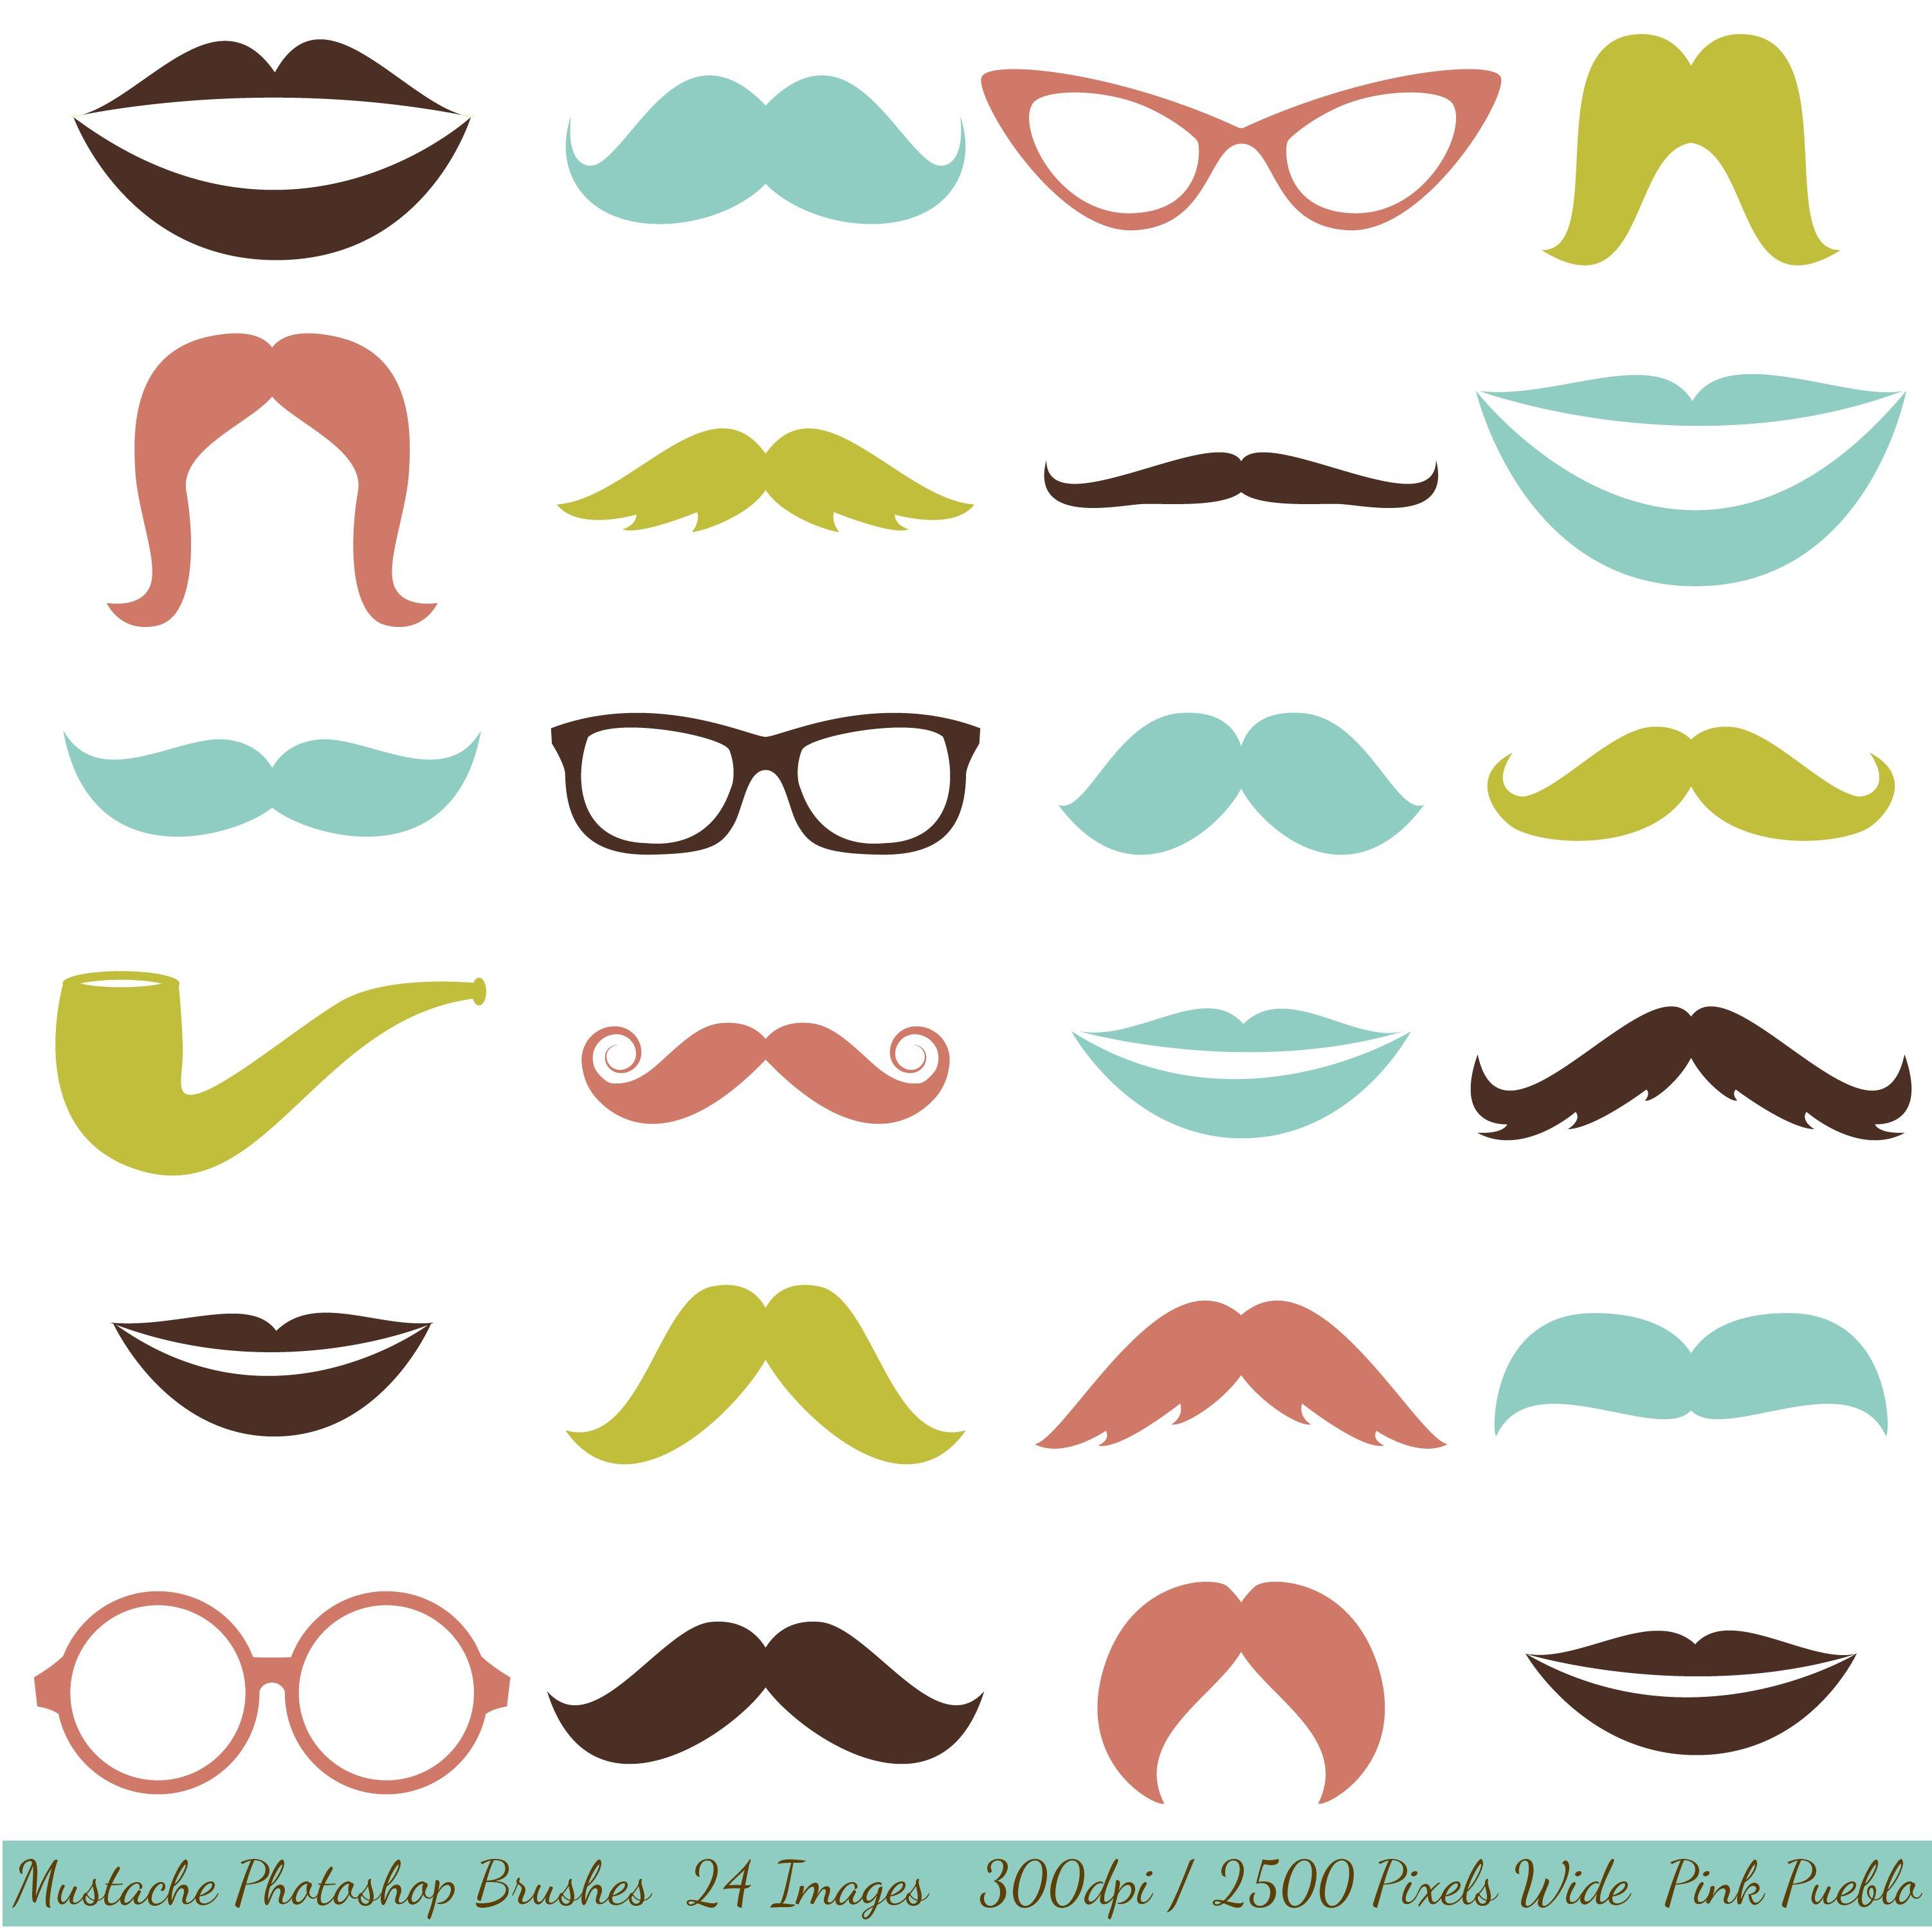 mustaches and lips photoshop brushes brushes creative market